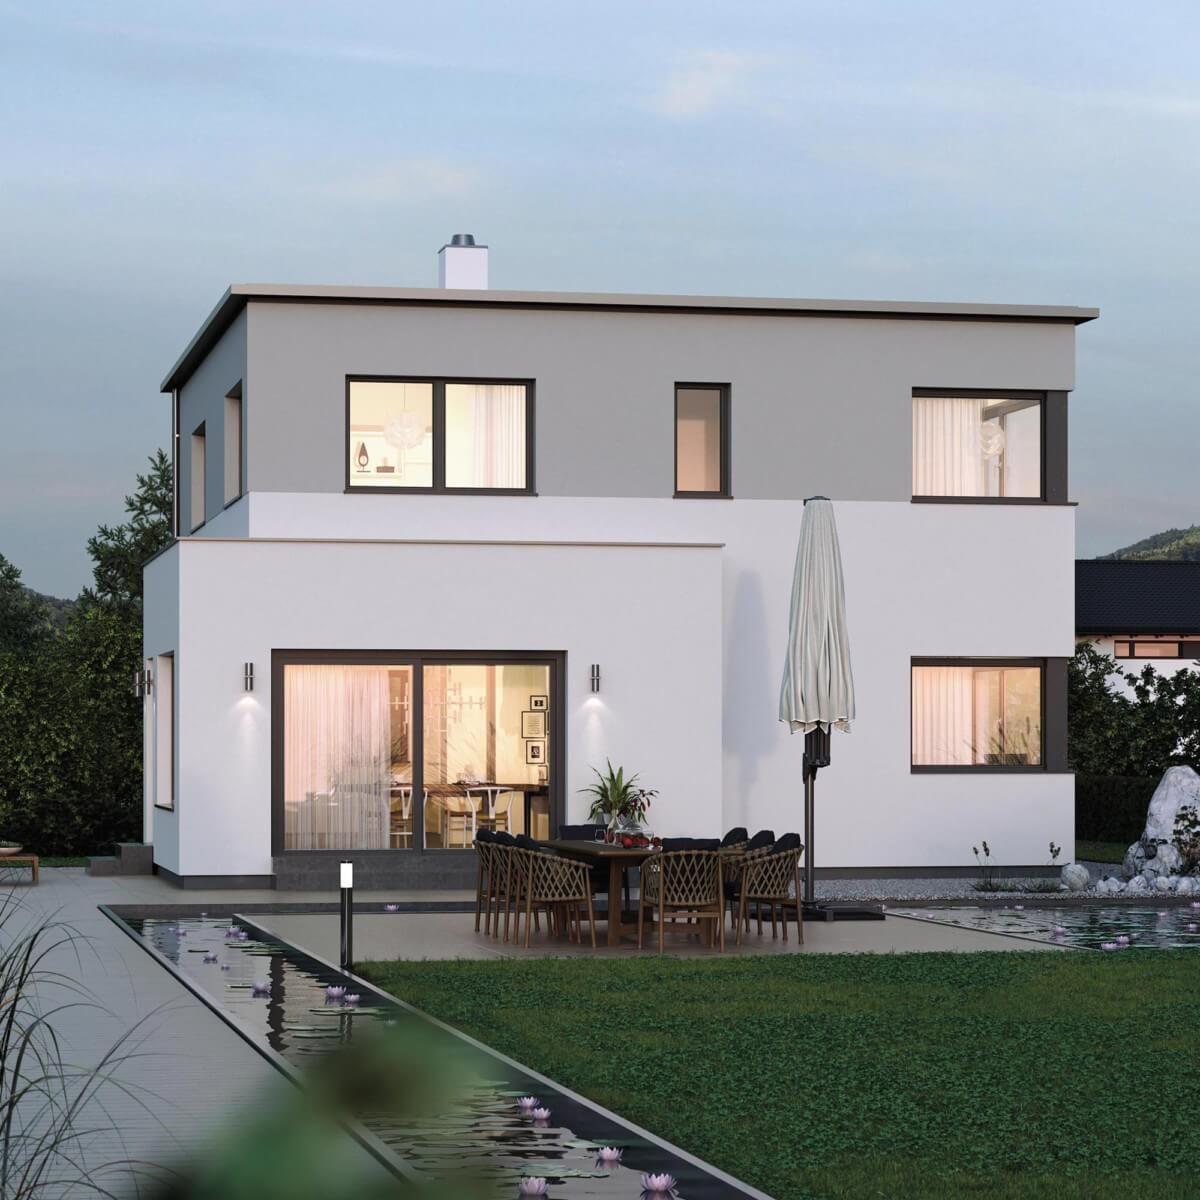 Neubau Einfamilienhaus Flachdach: Wohnhauserweiterung Neubau Holzhaus Modern Was Wir Bauen